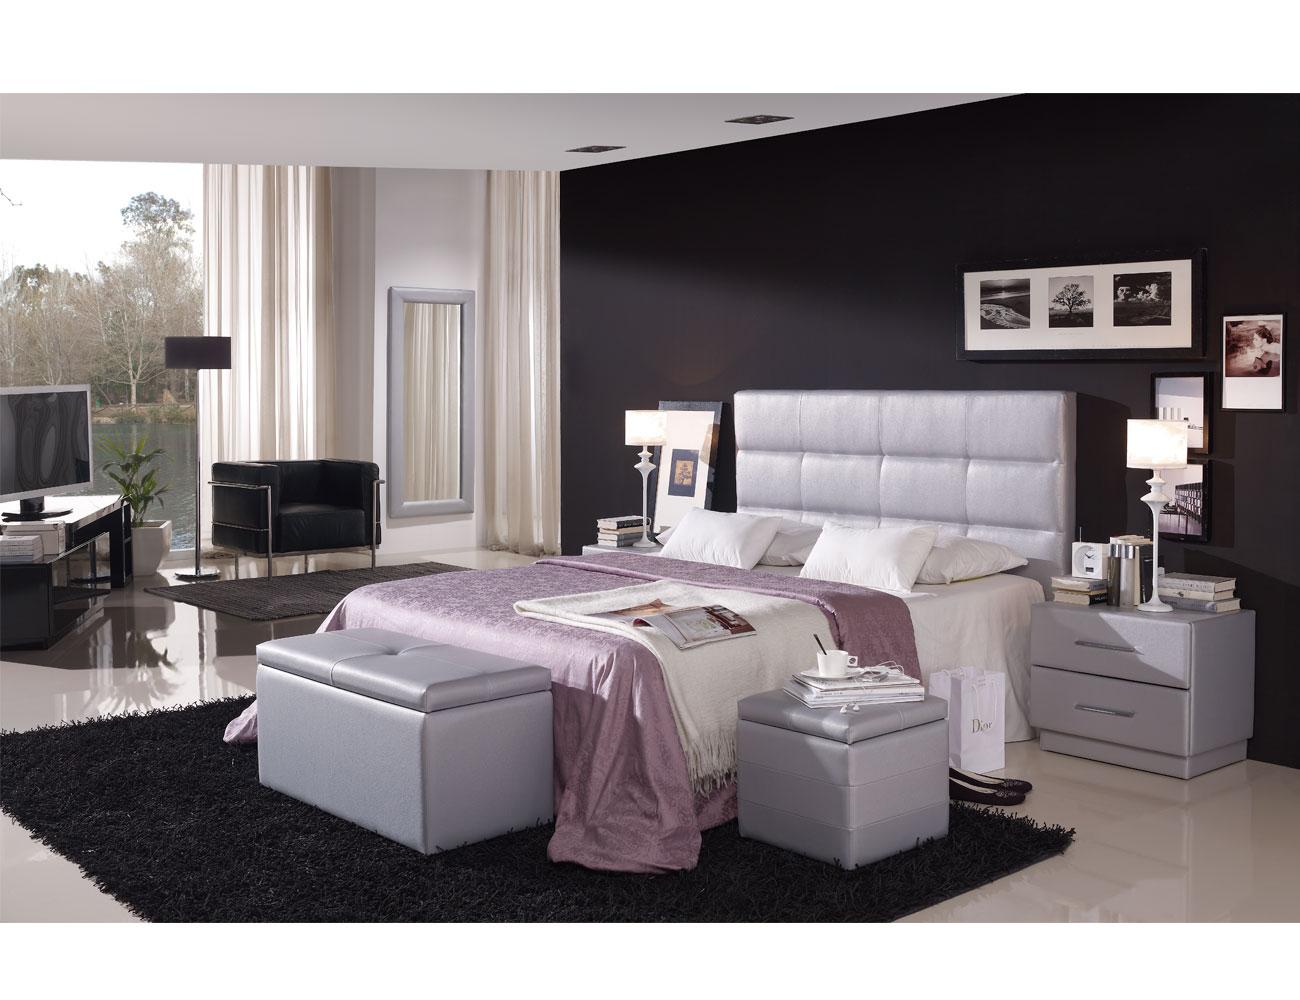 86 pie cama cuadros dormitorio 94